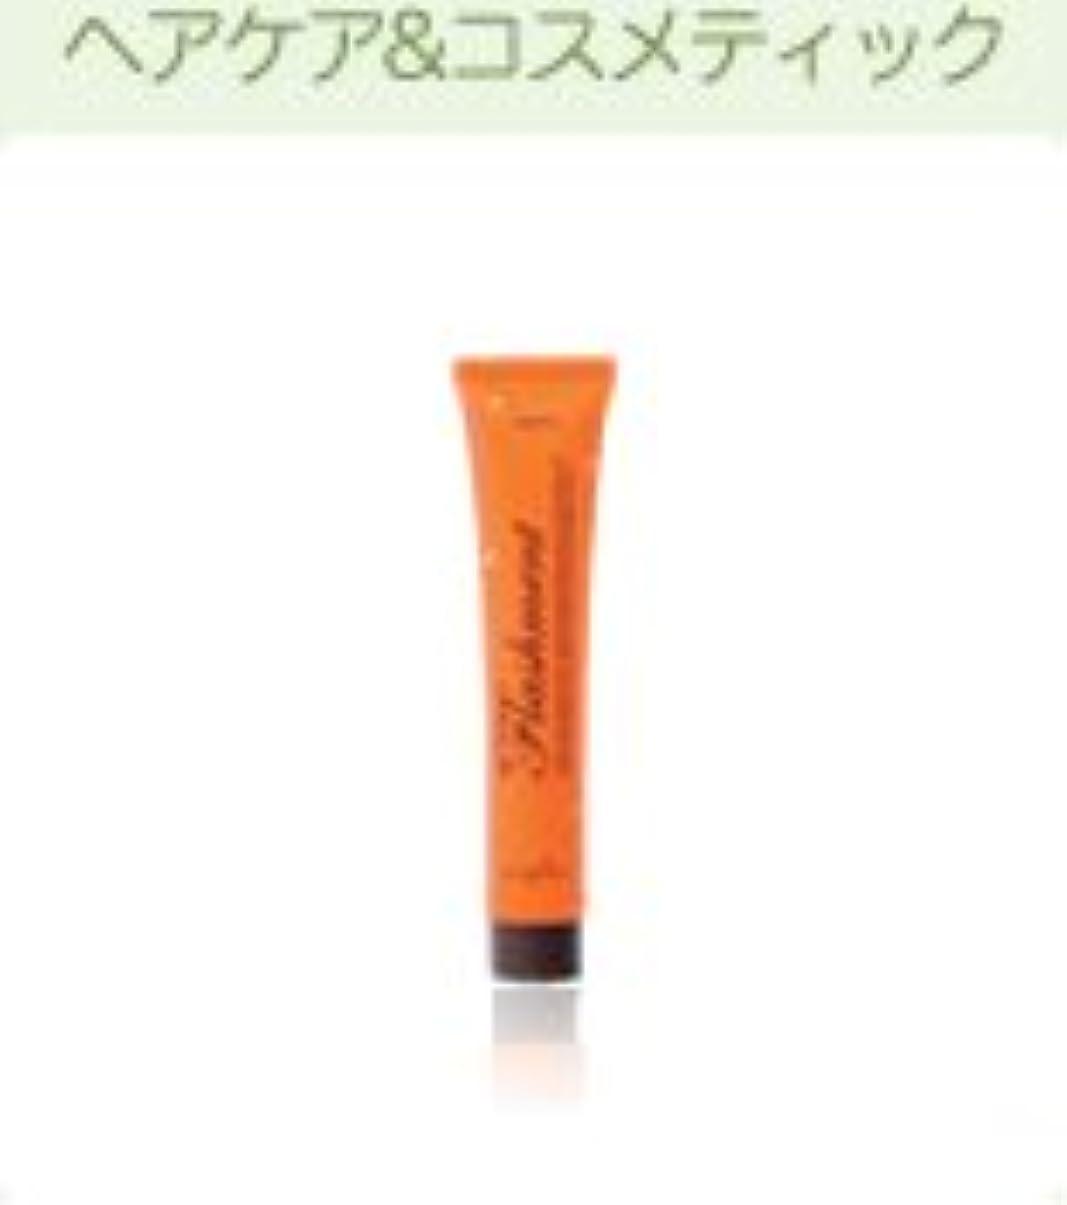 申し込む責め【X2個セット】 ナプラ ナピュア フラッシュメント モイスチャーヘアパック 50g